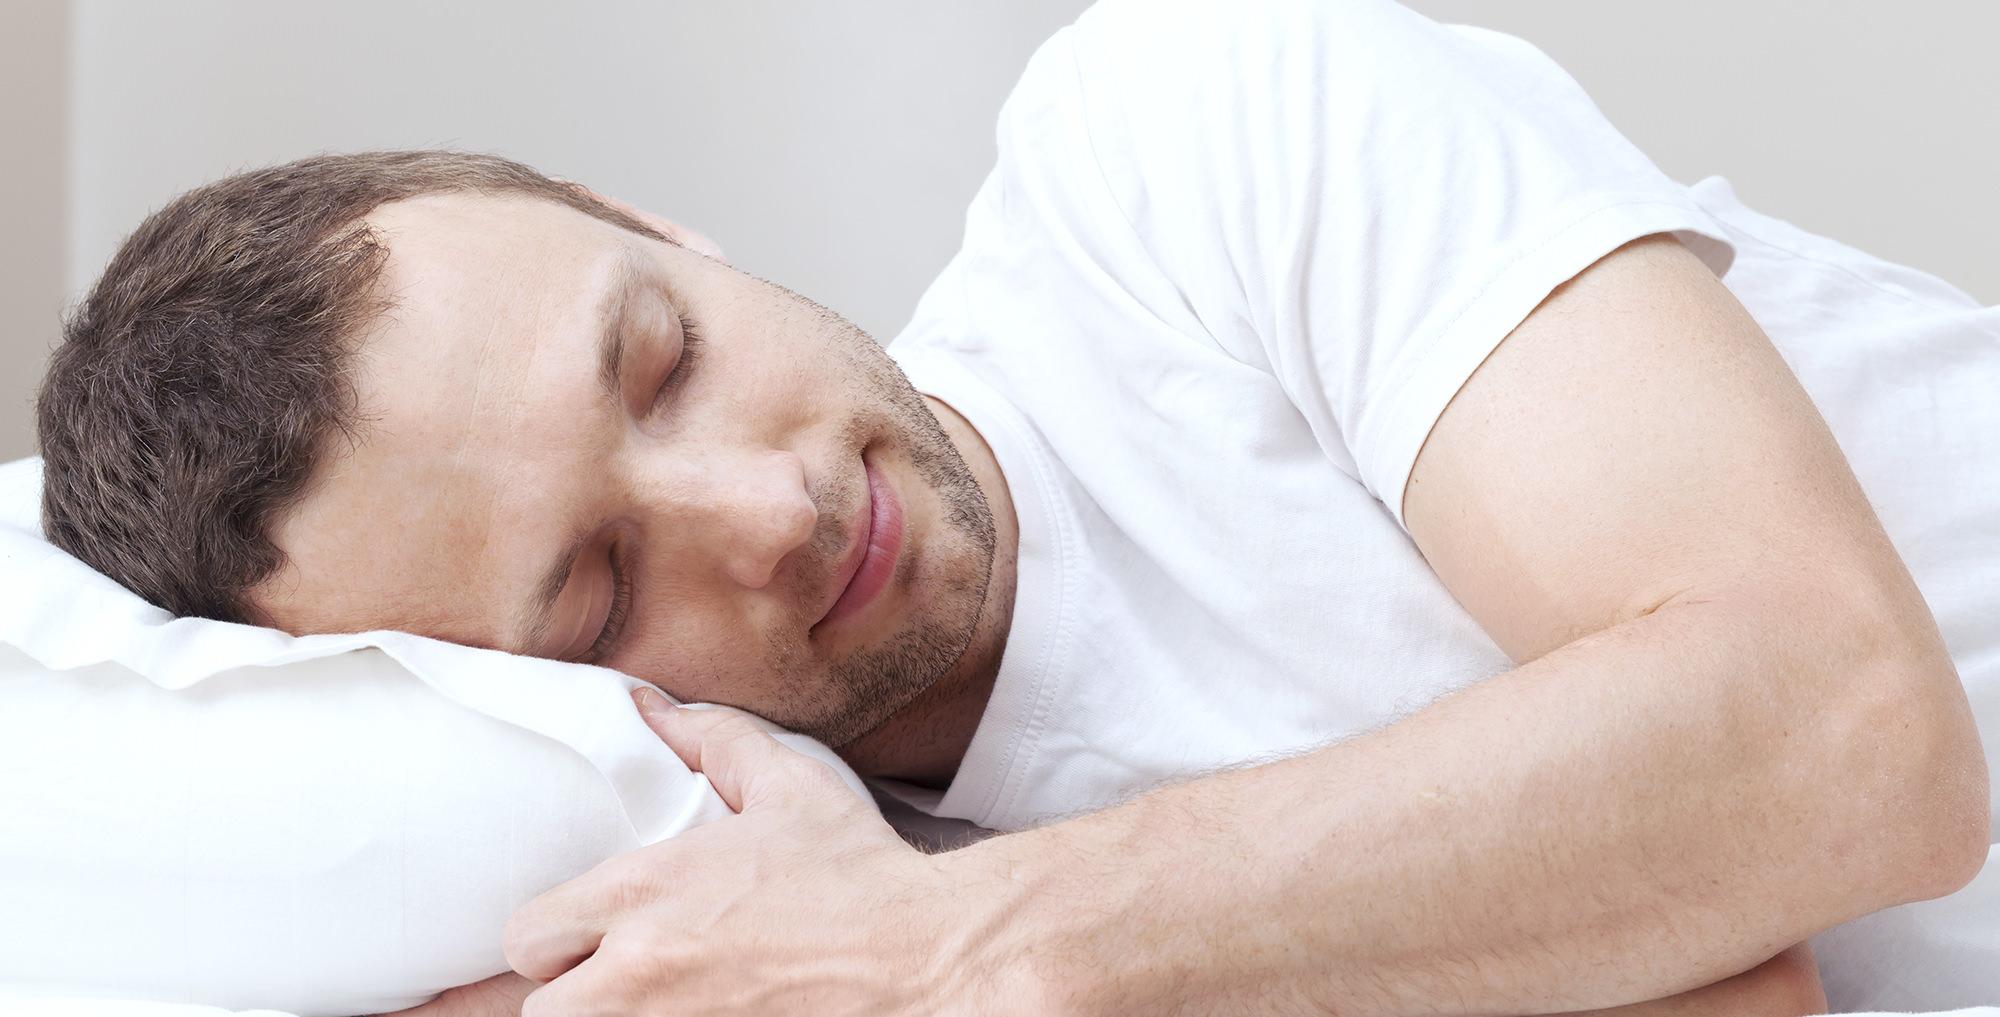 sedación consciente para tratamientos dentales